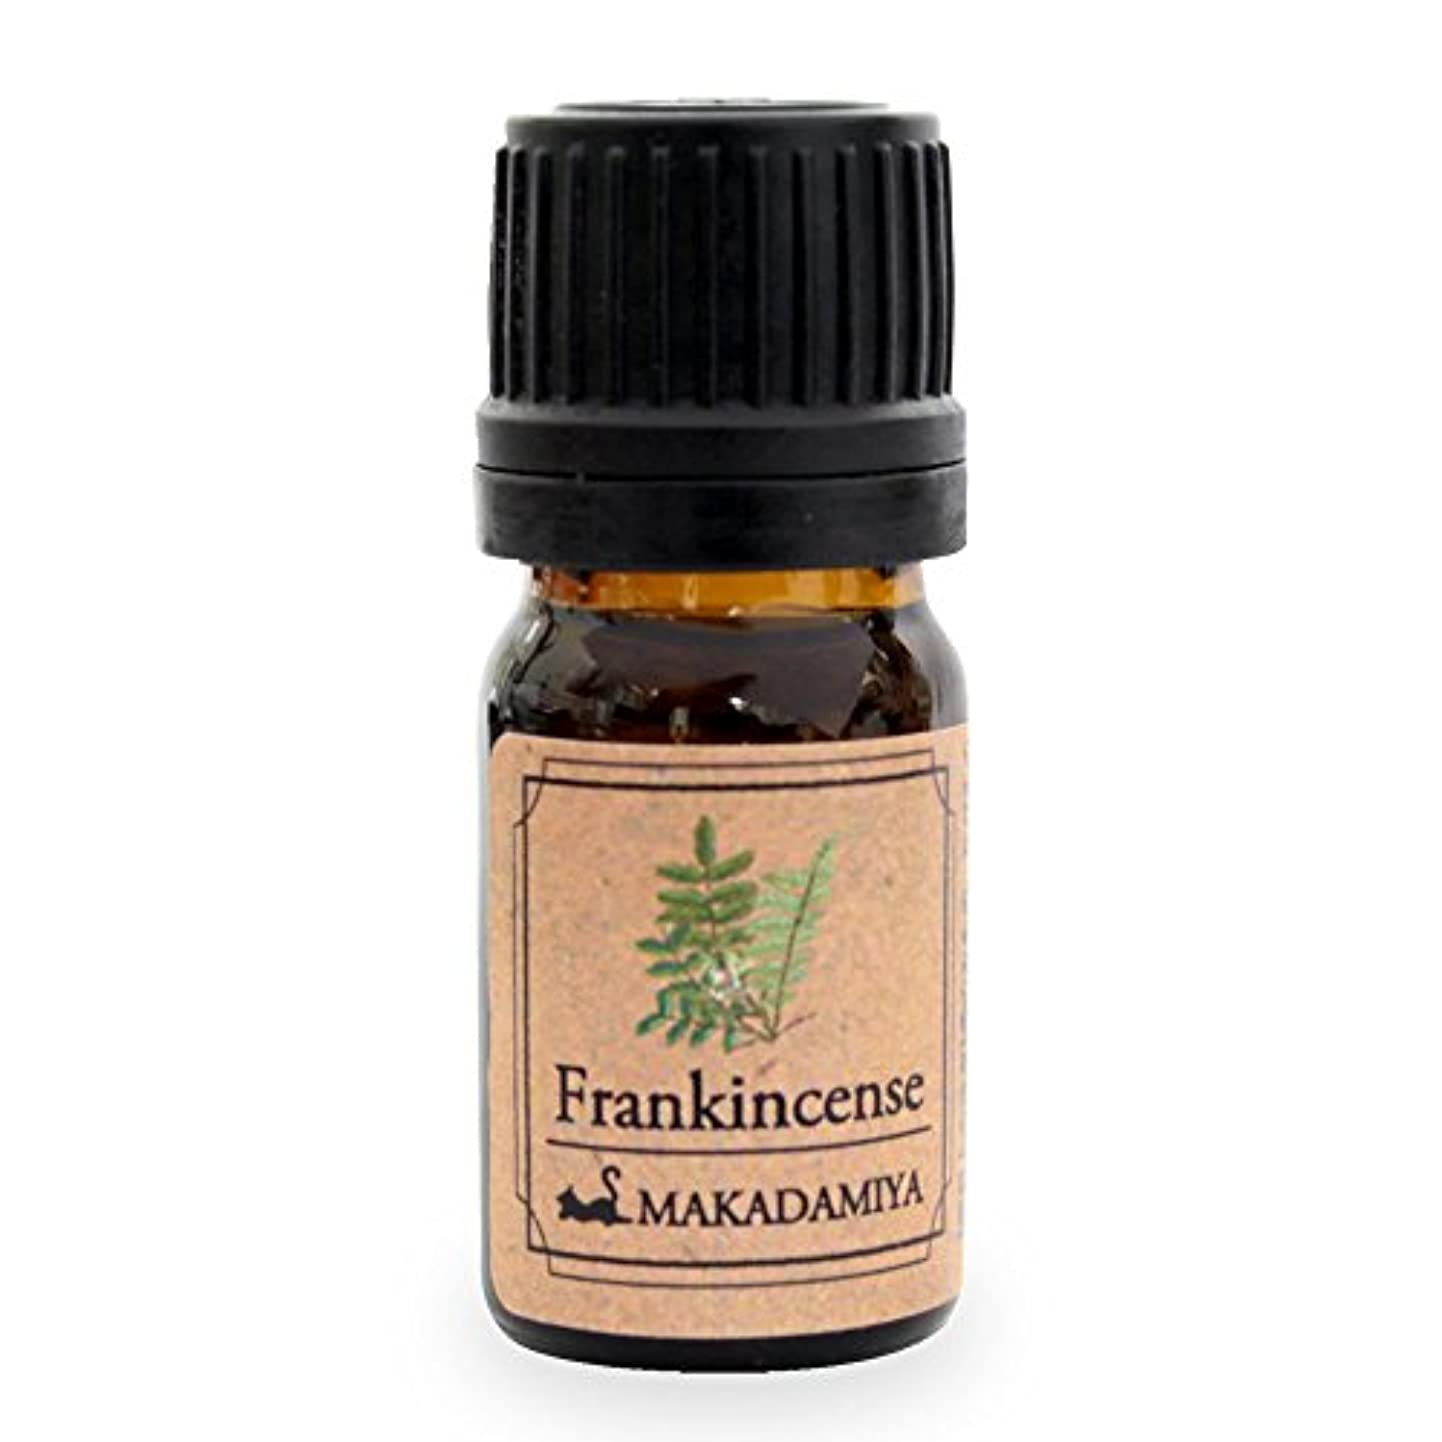 フォロー才能消防士フランキンセンス5ml 天然100%植物性 エッセンシャルオイル(精油) アロマオイル アロママッサージ aroma Frankincense